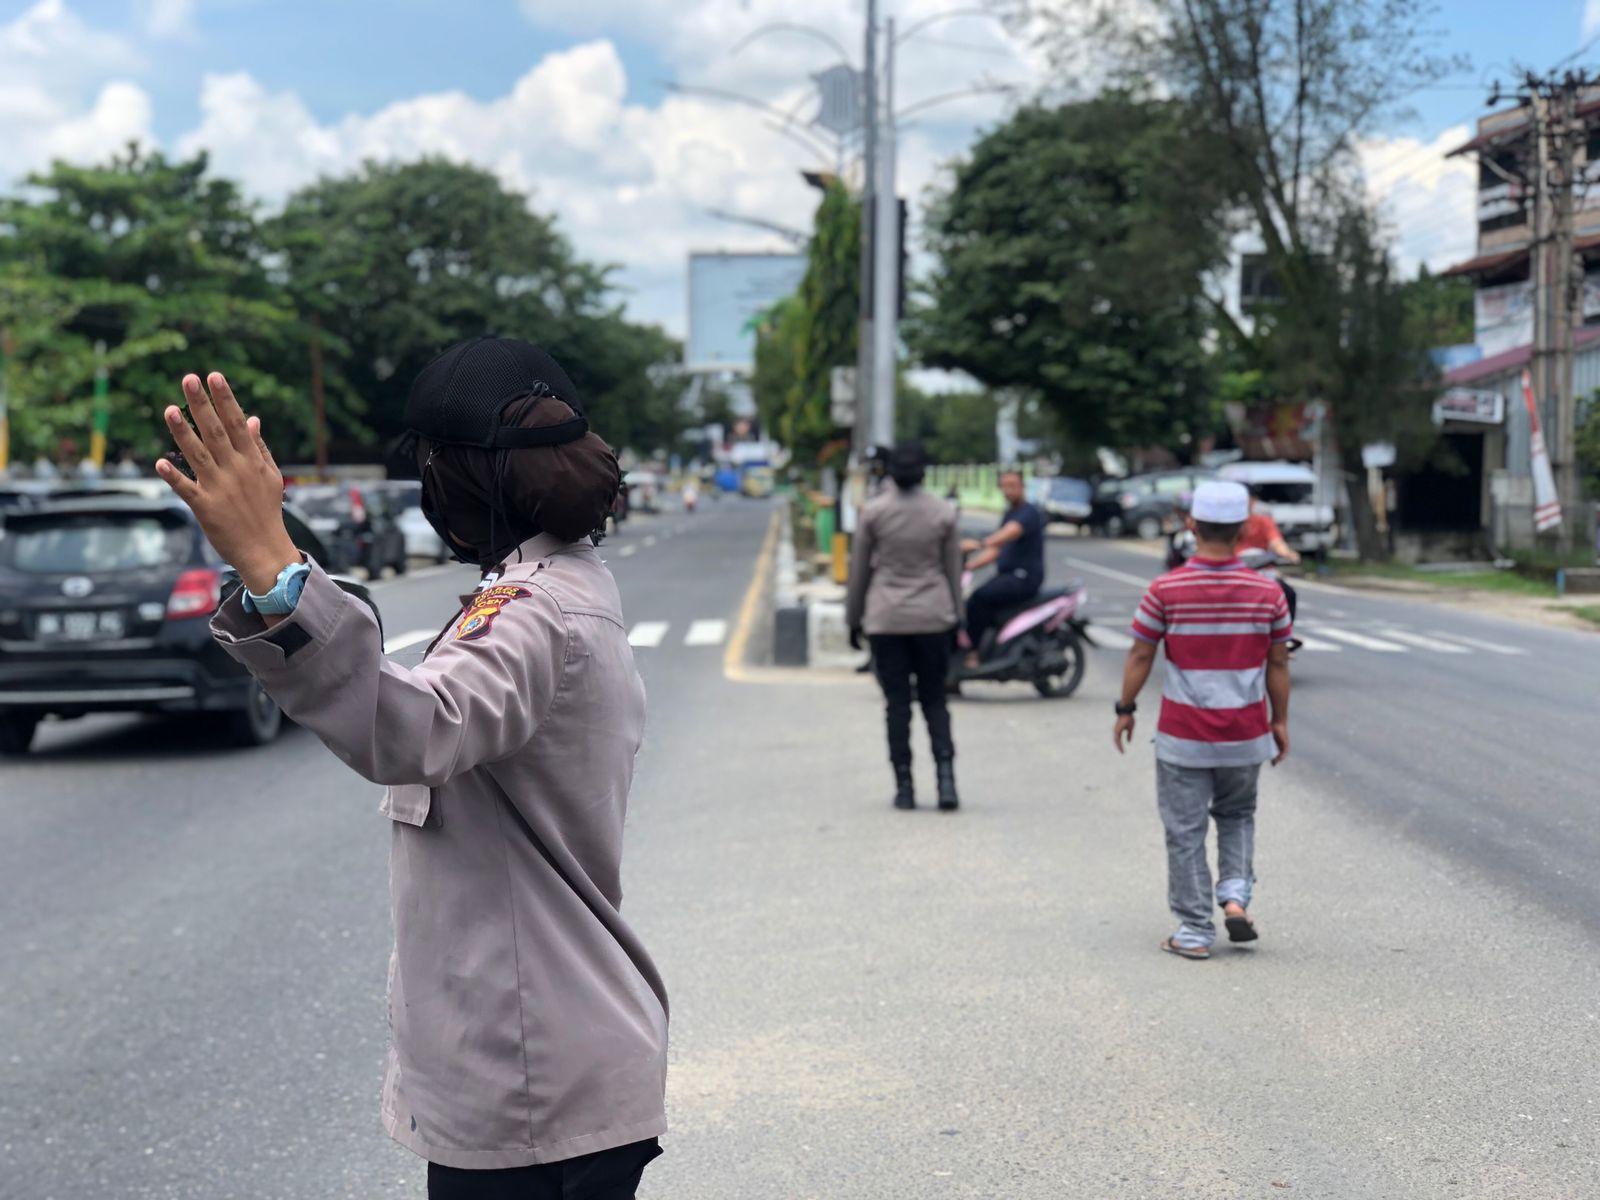 Ciptakan Rasa Aman Saat Beribadah Shalat Jum'at, Srikandi Polres Aceh Utara Lakukan Pengamanan